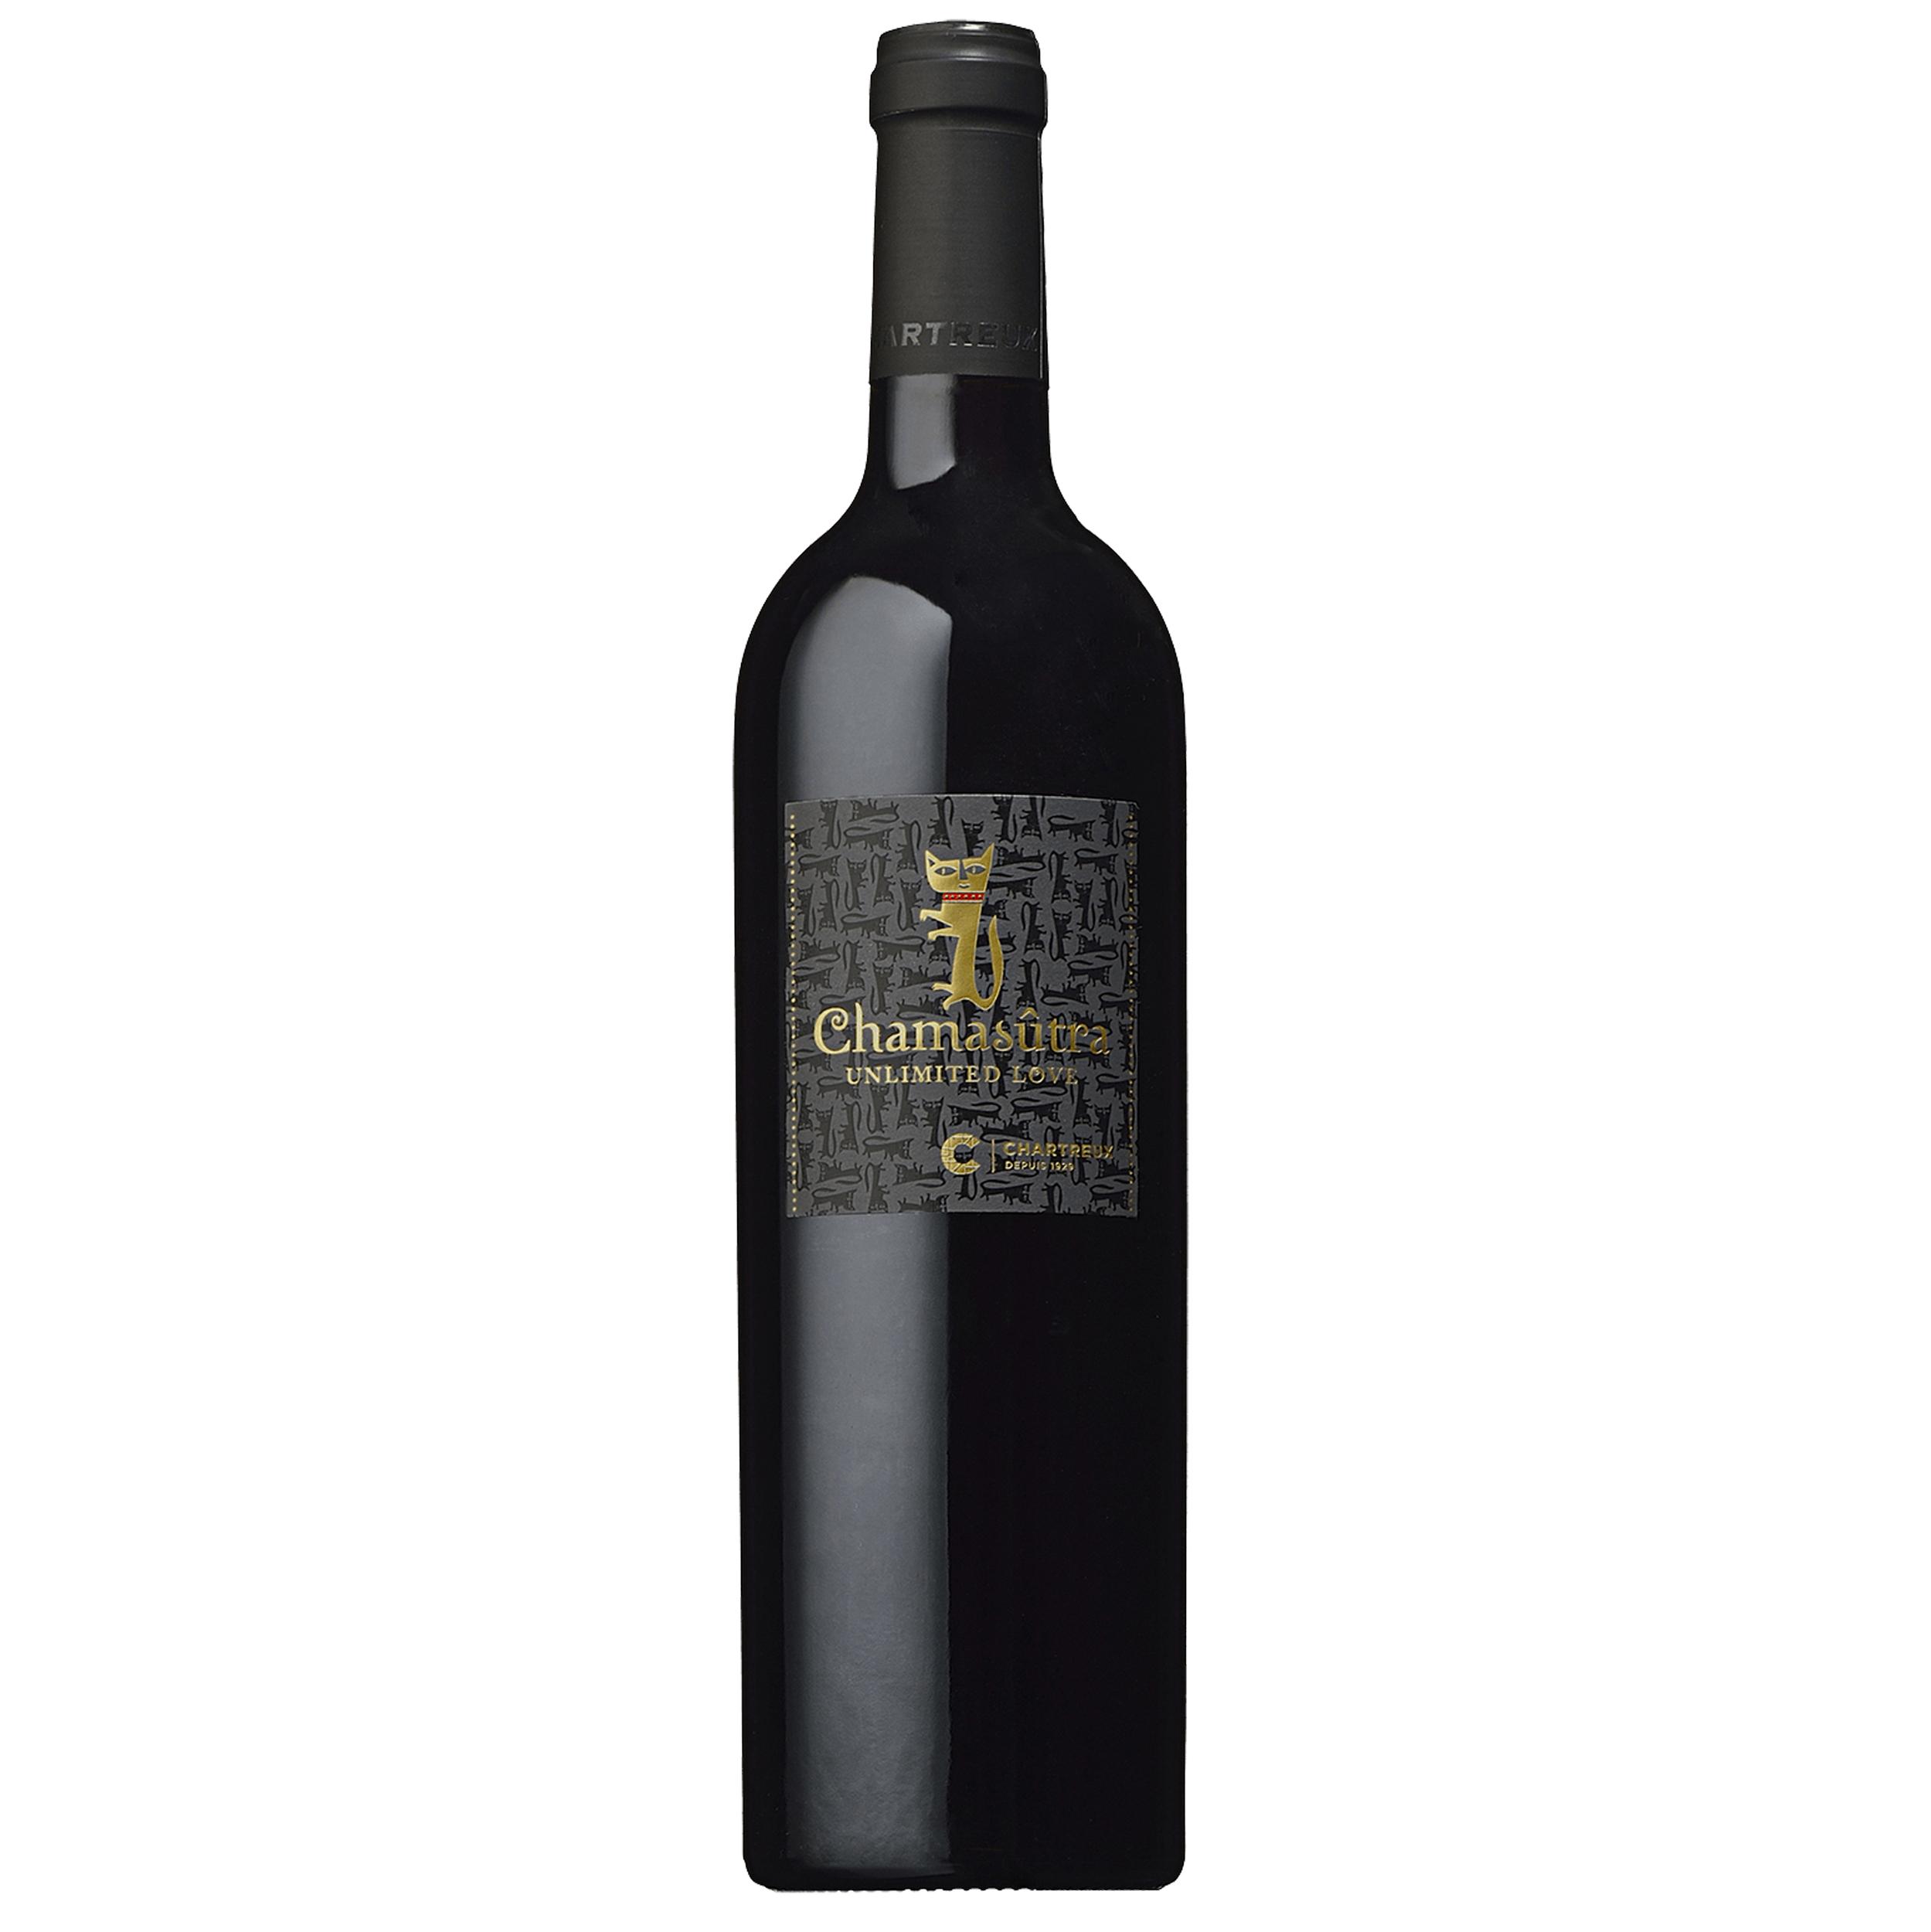 Vin de Pays - Chamasutra Unlimited Love - Domaine Cellier Des Chartreux - 2019